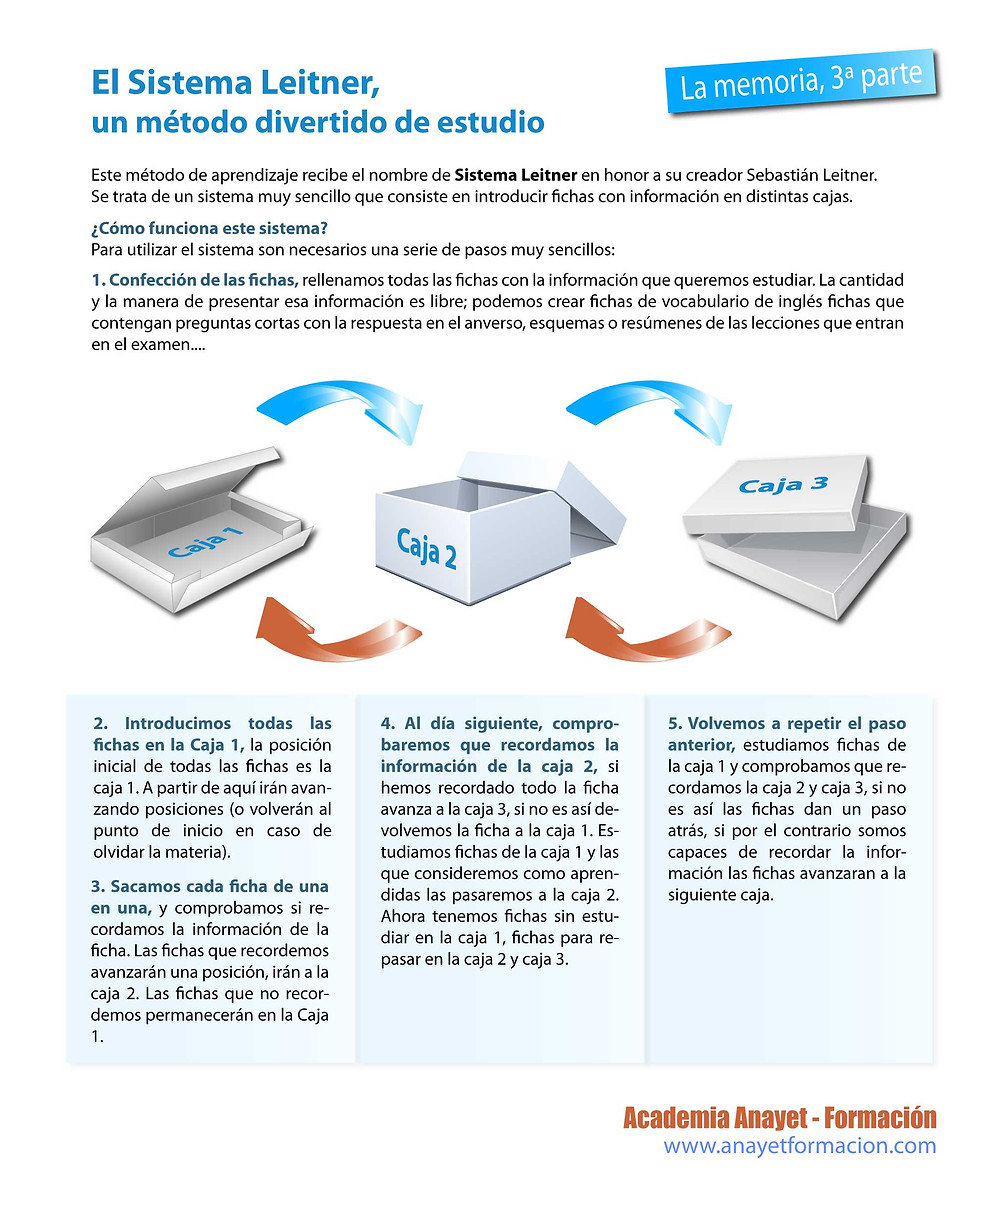 TECNICAS DE ESTUDIO. EL SISTEMA LEITHNER